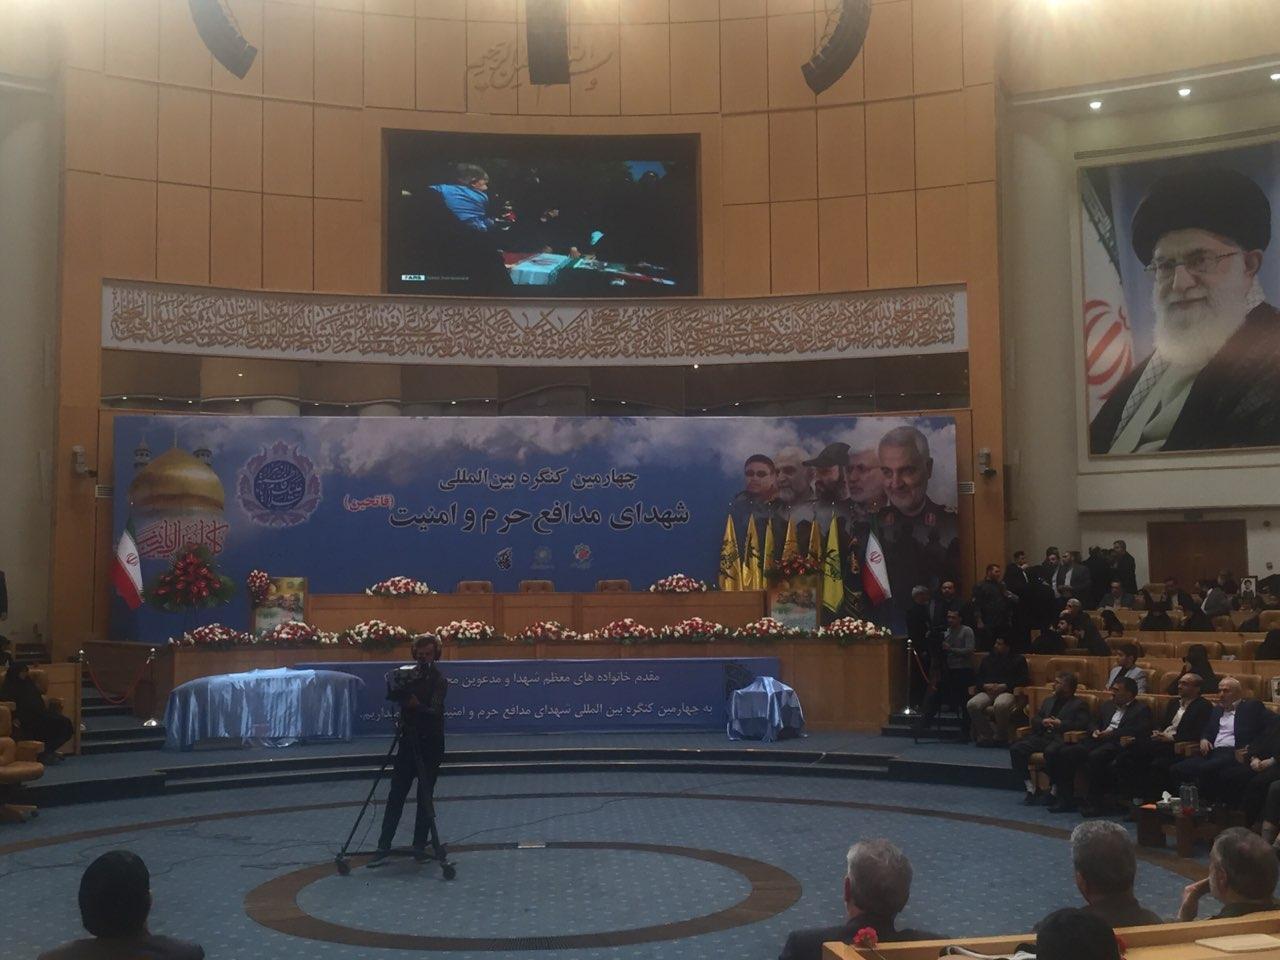 چهارمین کنگره بین المللی شهدای مدافع حرم و امنیت برگزار شد